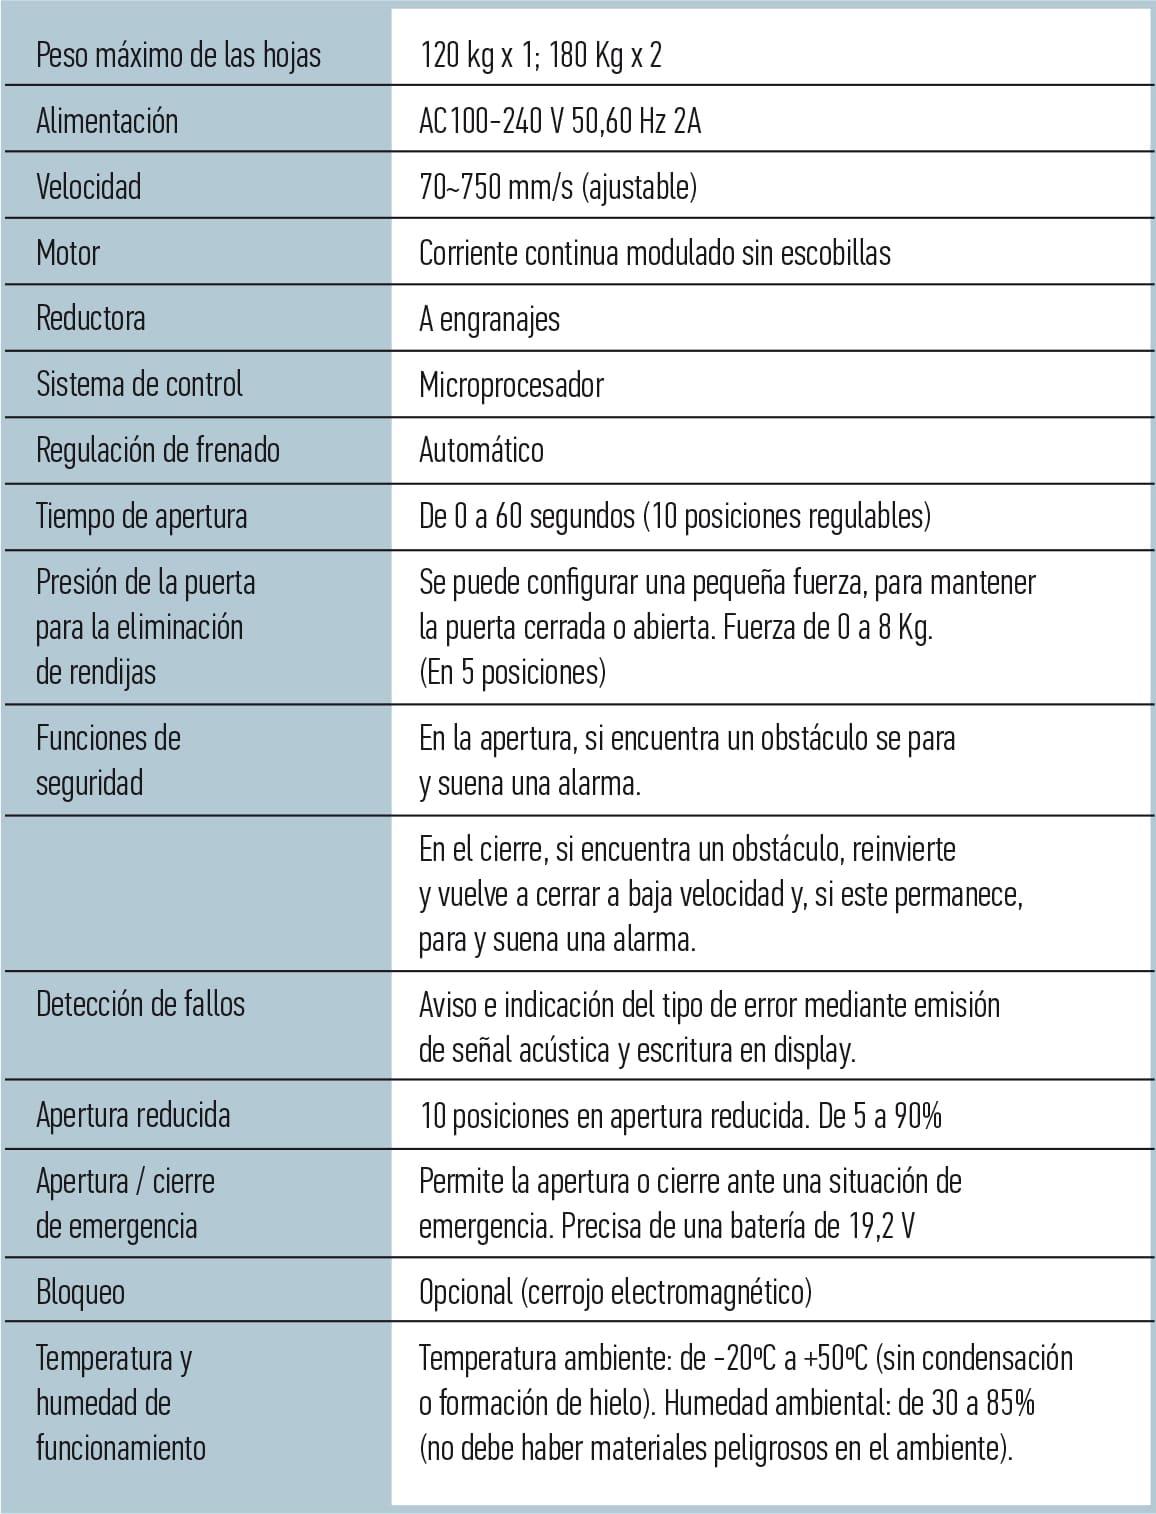 caracteristicas-st-mi-50n